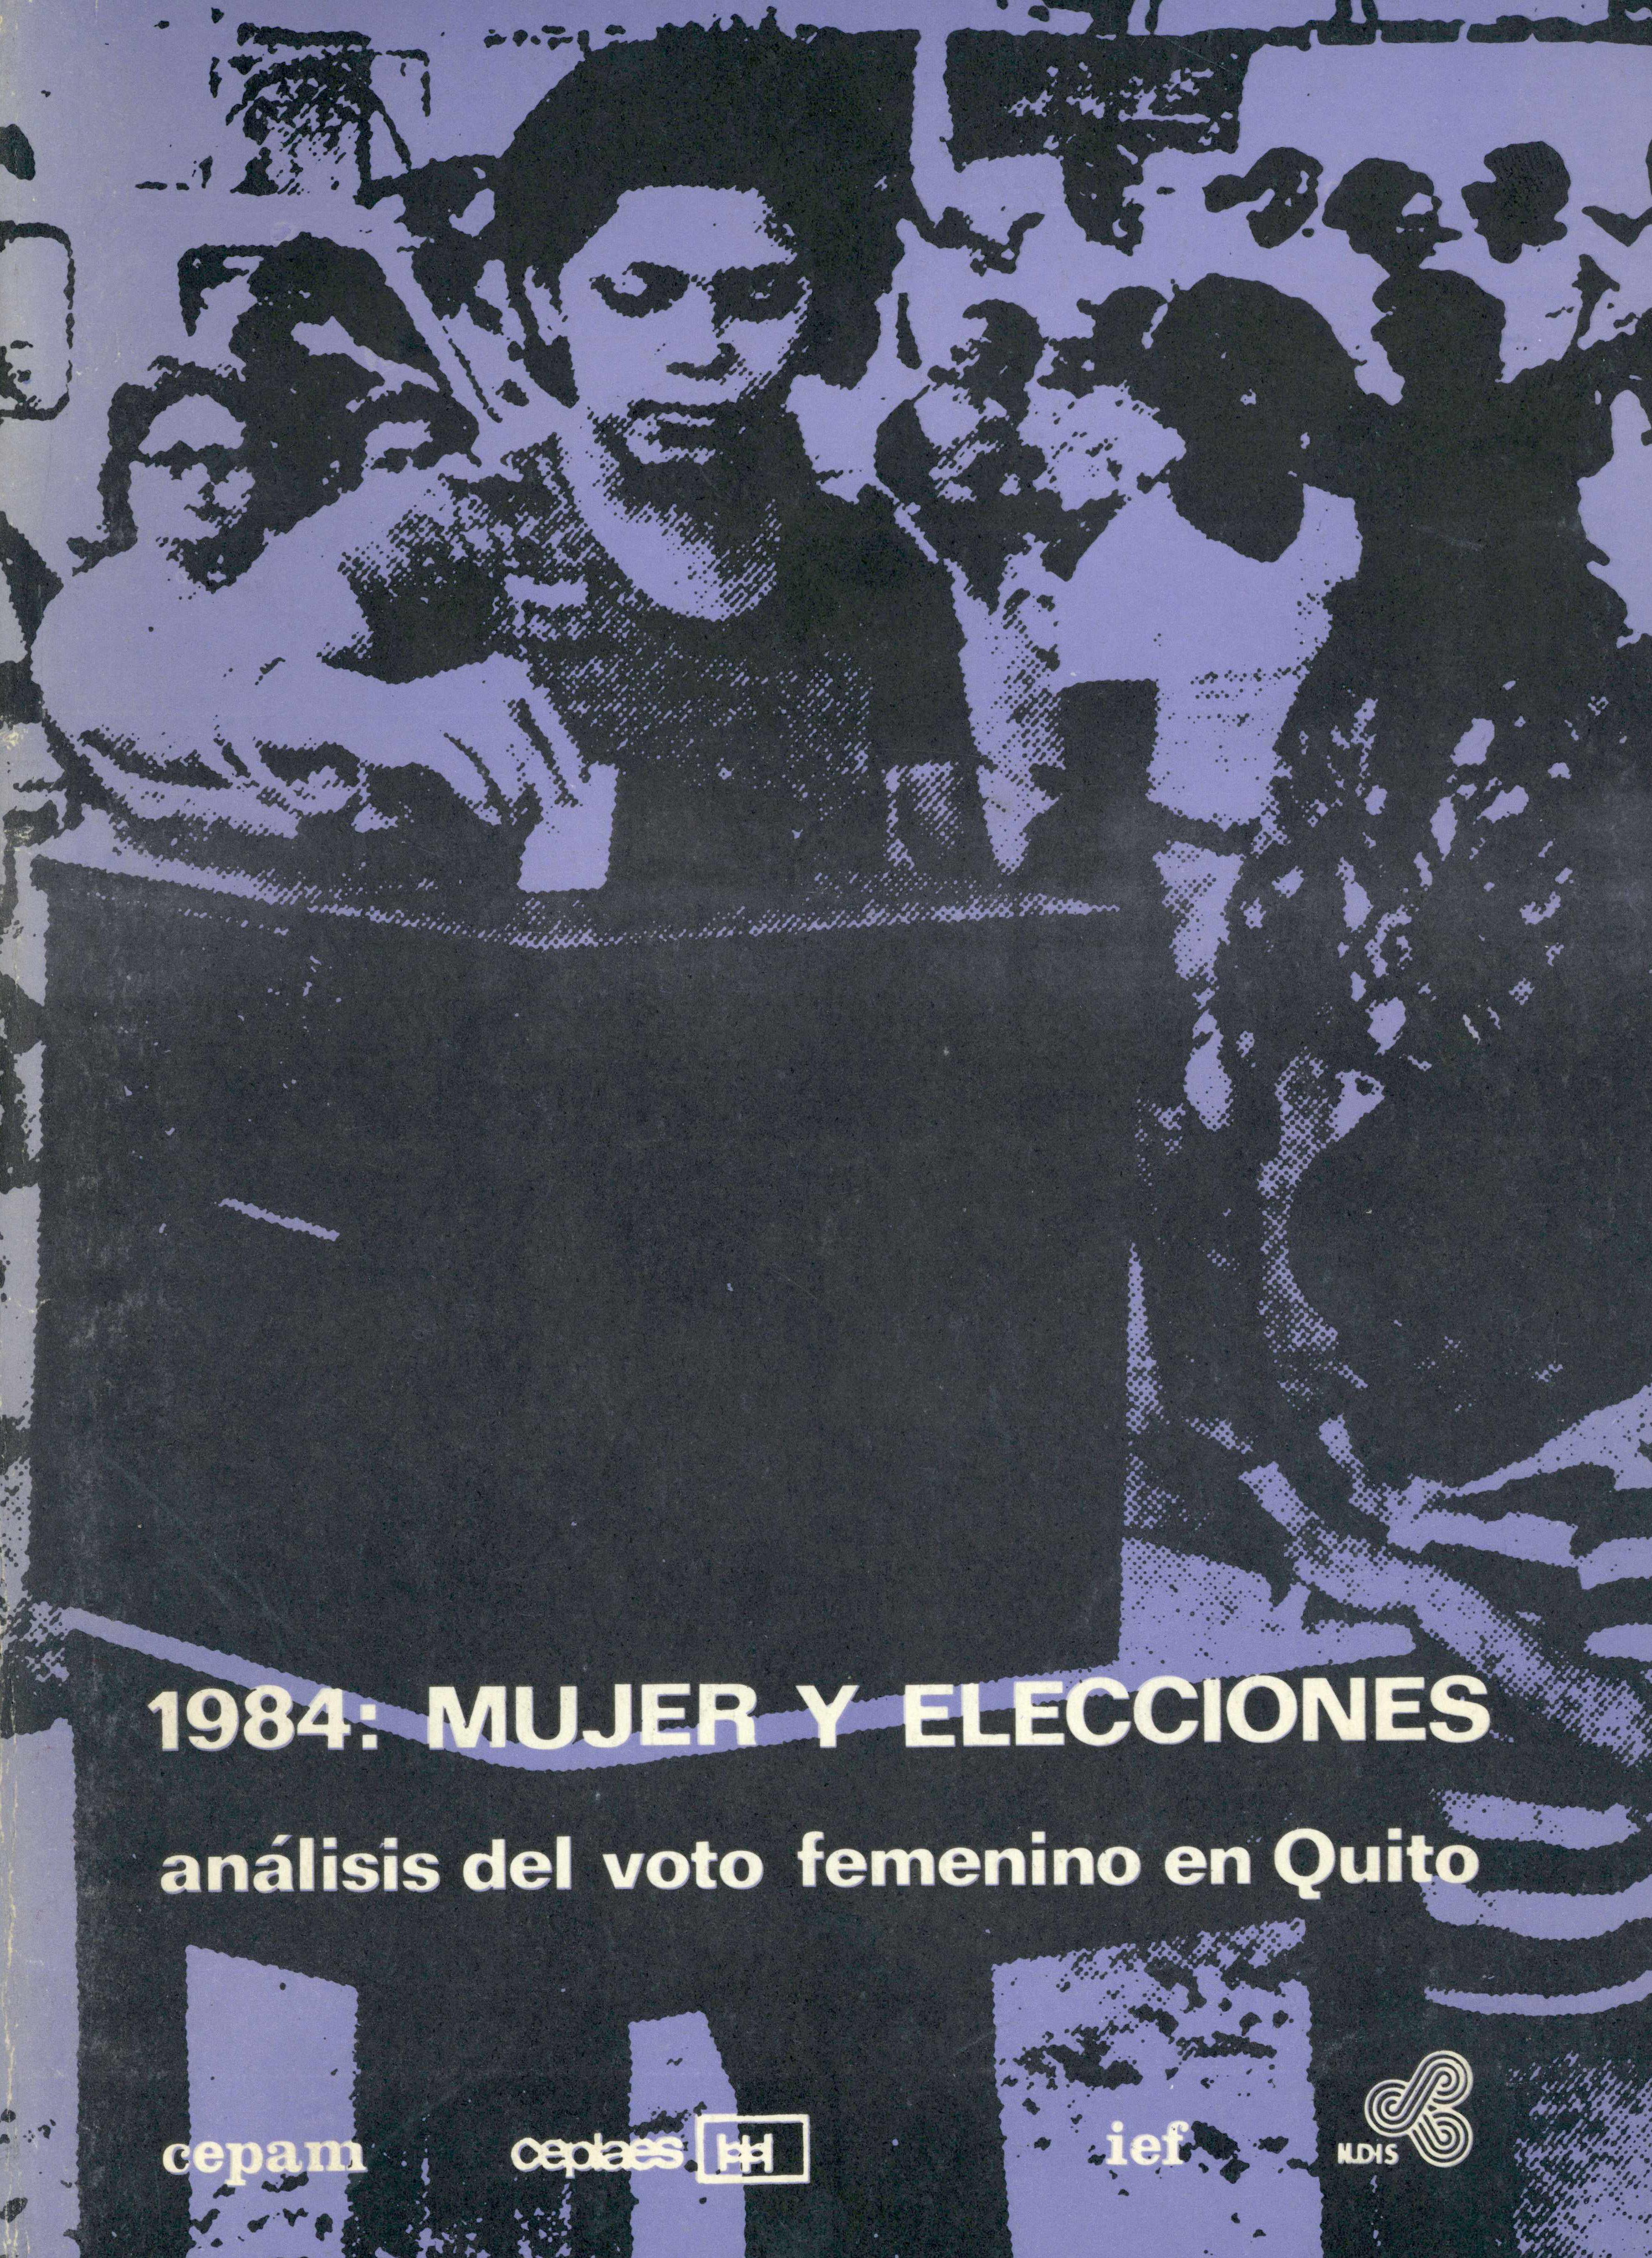 1984: Mujer y elecciones